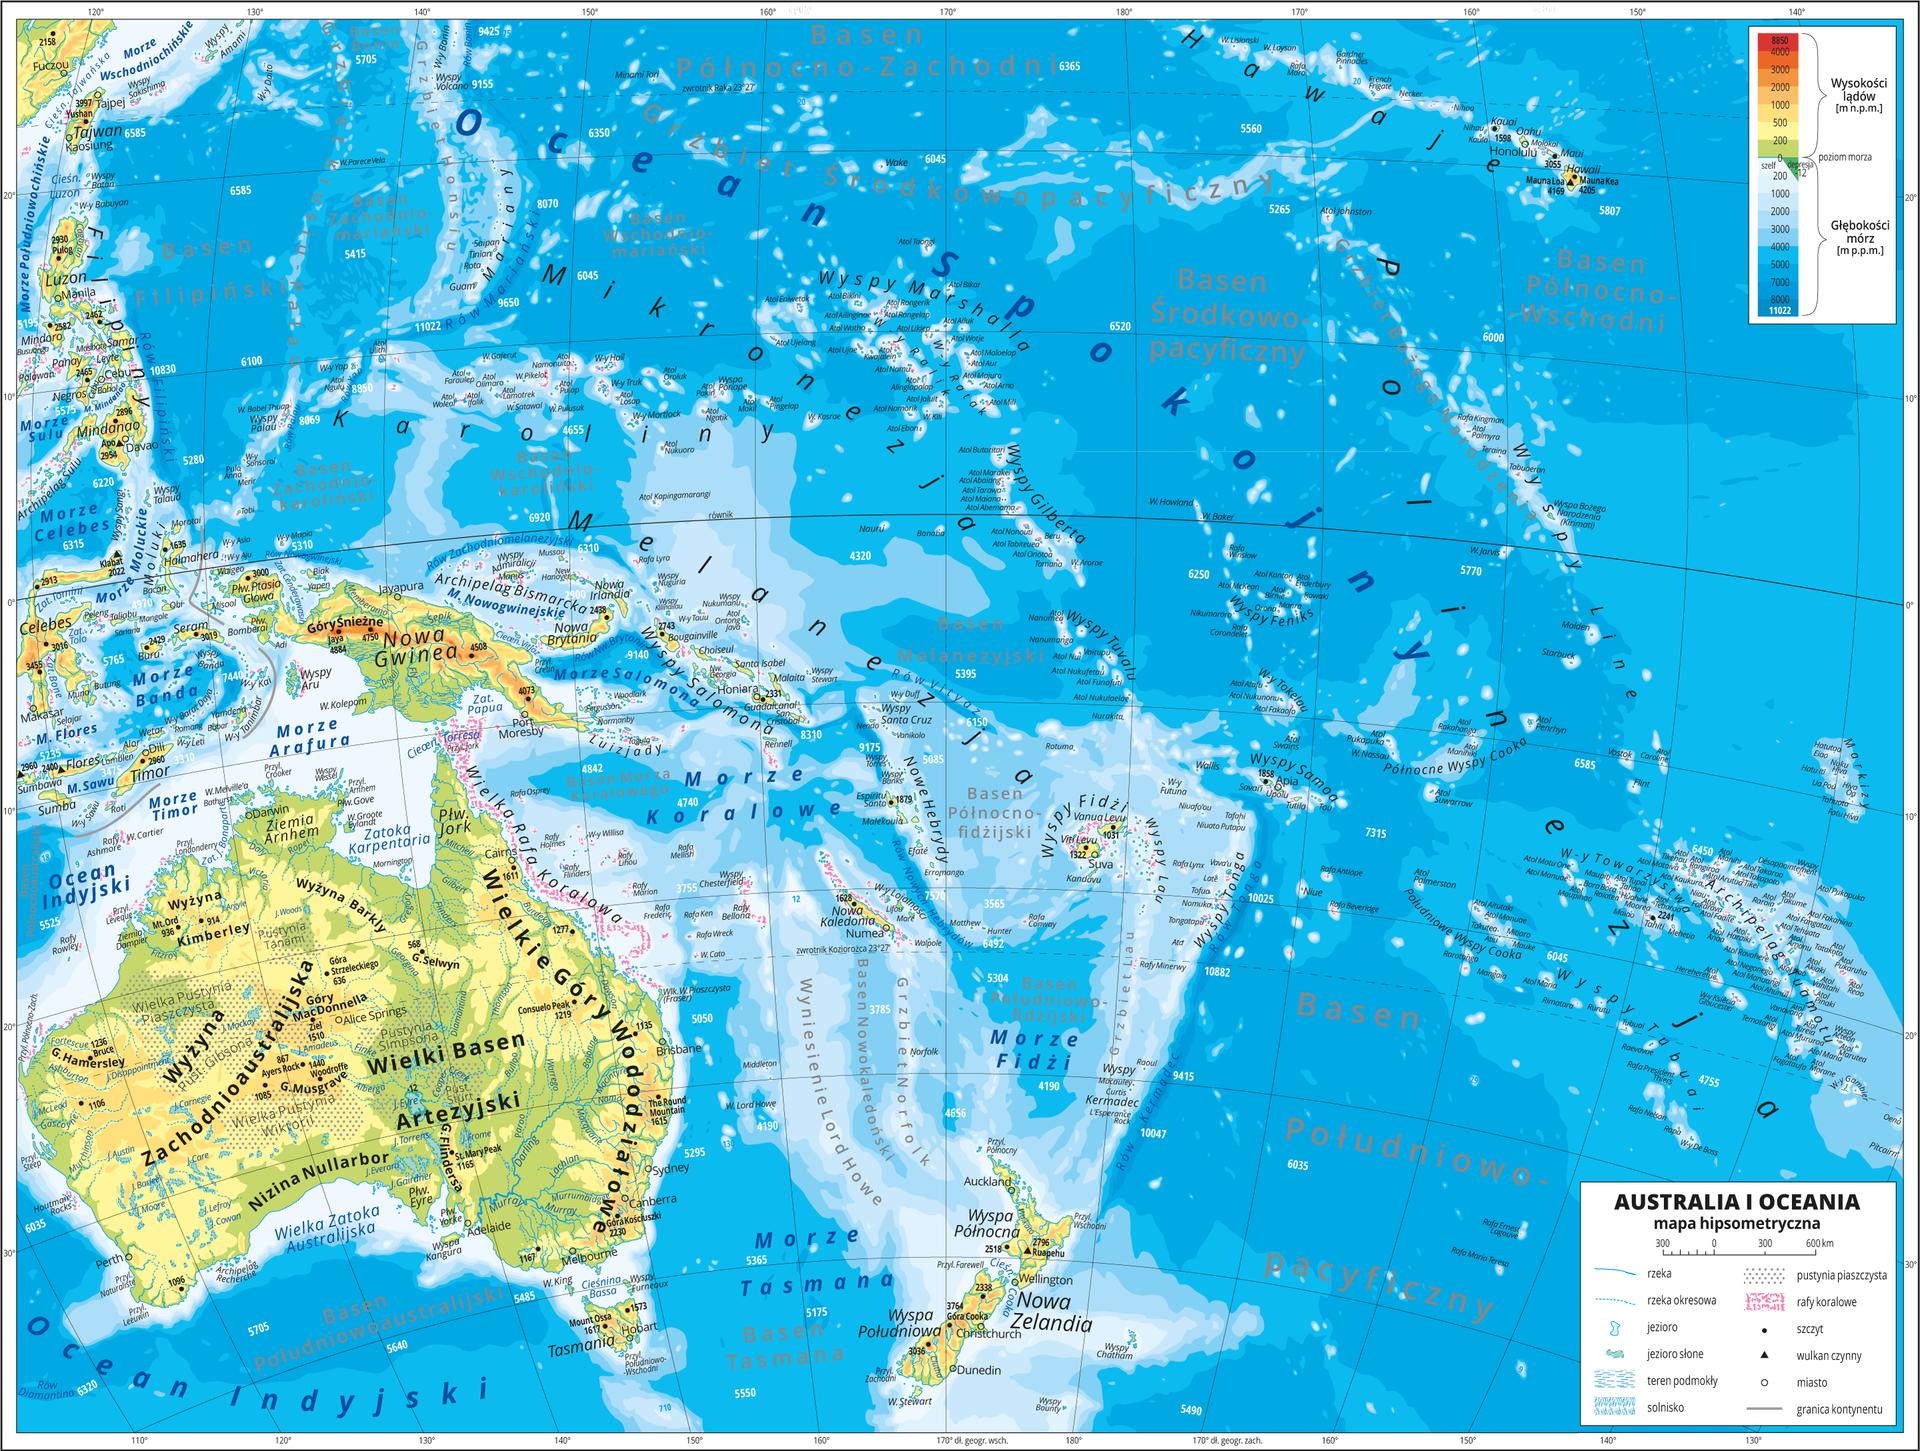 Ilustracja przedstawia mapę hipsometryczną Australii iOceanii. Wlewym dolnym rogu mapy kontynent Australii, pozostałą część mapy zajmują wyspy. Wobrębie lądów występują obszary wkolorze zielonym, żółtym, pomarańczowym iczerwonym. Przeważają niziny iwyżyny. Morza zaznaczono kolorem niebieskim. Na mapie opisano nazwy półwyspów, wysp, nizin, wyżyn ipasm górskich, mórz, zatok, rzek ijezior. Oznaczono iopisano główne miasta. Oznaczono czarnymi kropkami iopisano szczyty górskie. Trójkątami oznaczono wulkany ipodano ich nazwy iwysokości. Mapa pokryta jest równoleżnikami ipołudnikami. Dookoła mapy wbiałej ramce opisano współrzędne geograficzne co dziesięć stopni. Wlegendzie umieszczono iopisano znaki użyte na mapie.